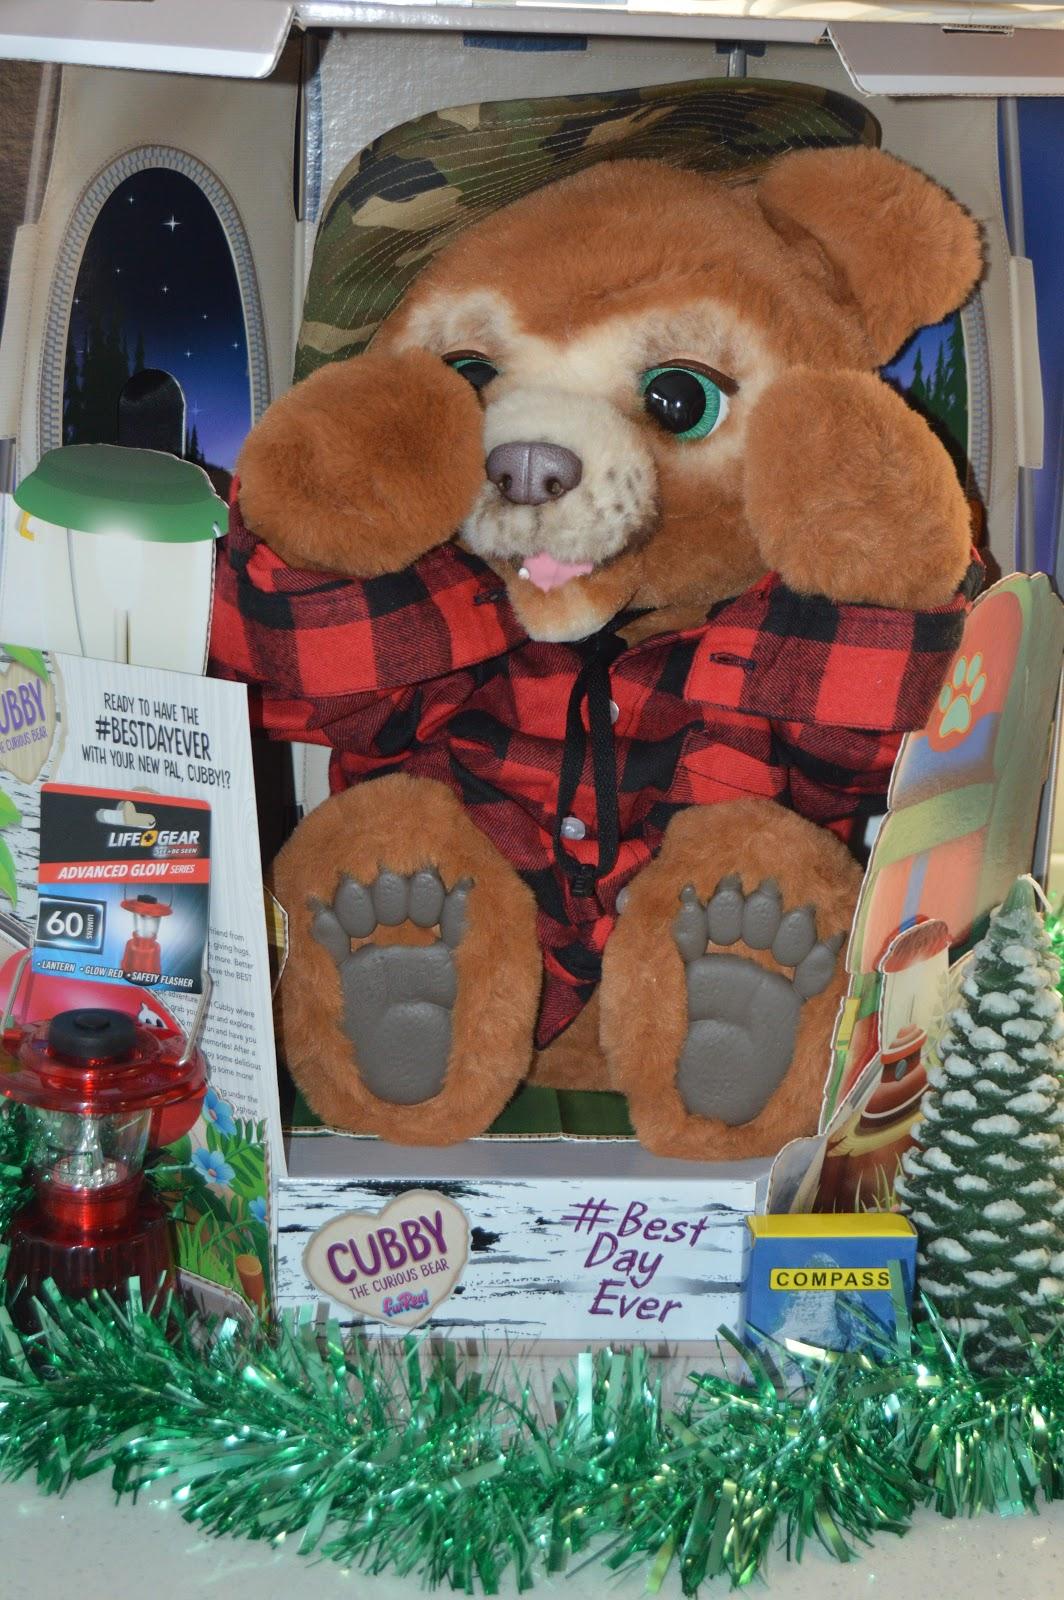 Cubby teddy bear